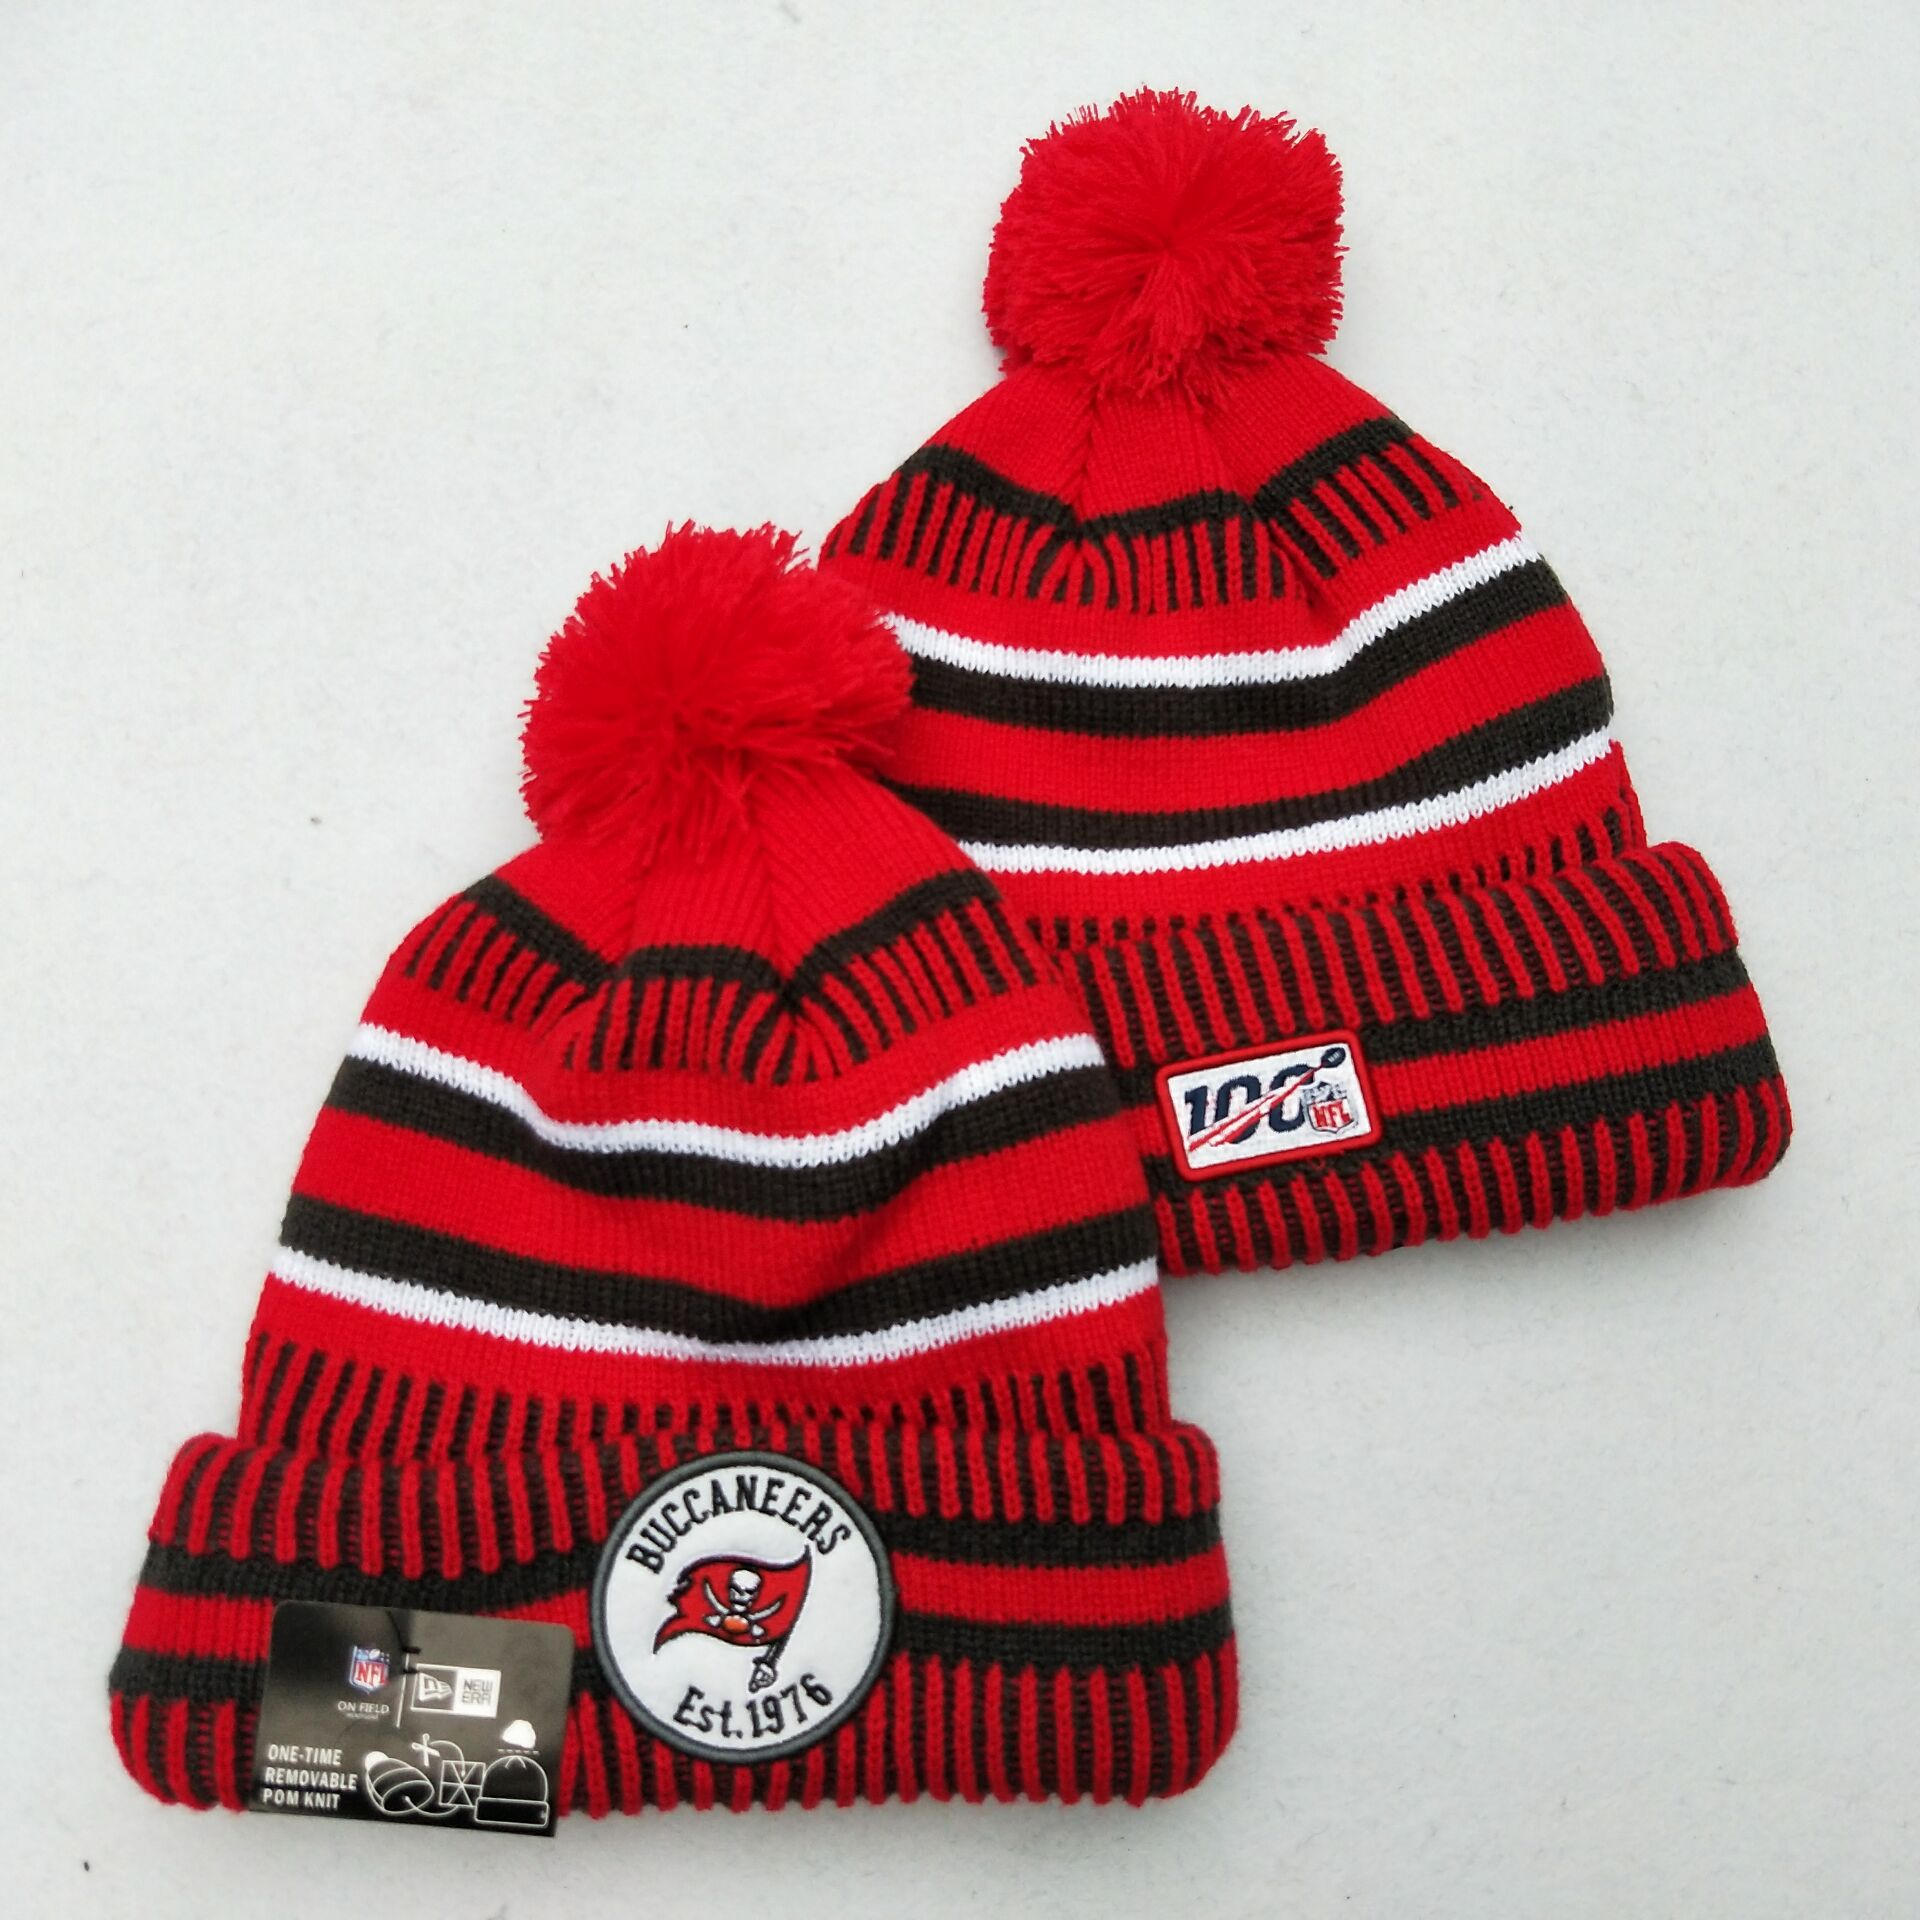 Buccaneers Team Logo Red 100th Season Pom Knit Hat YD